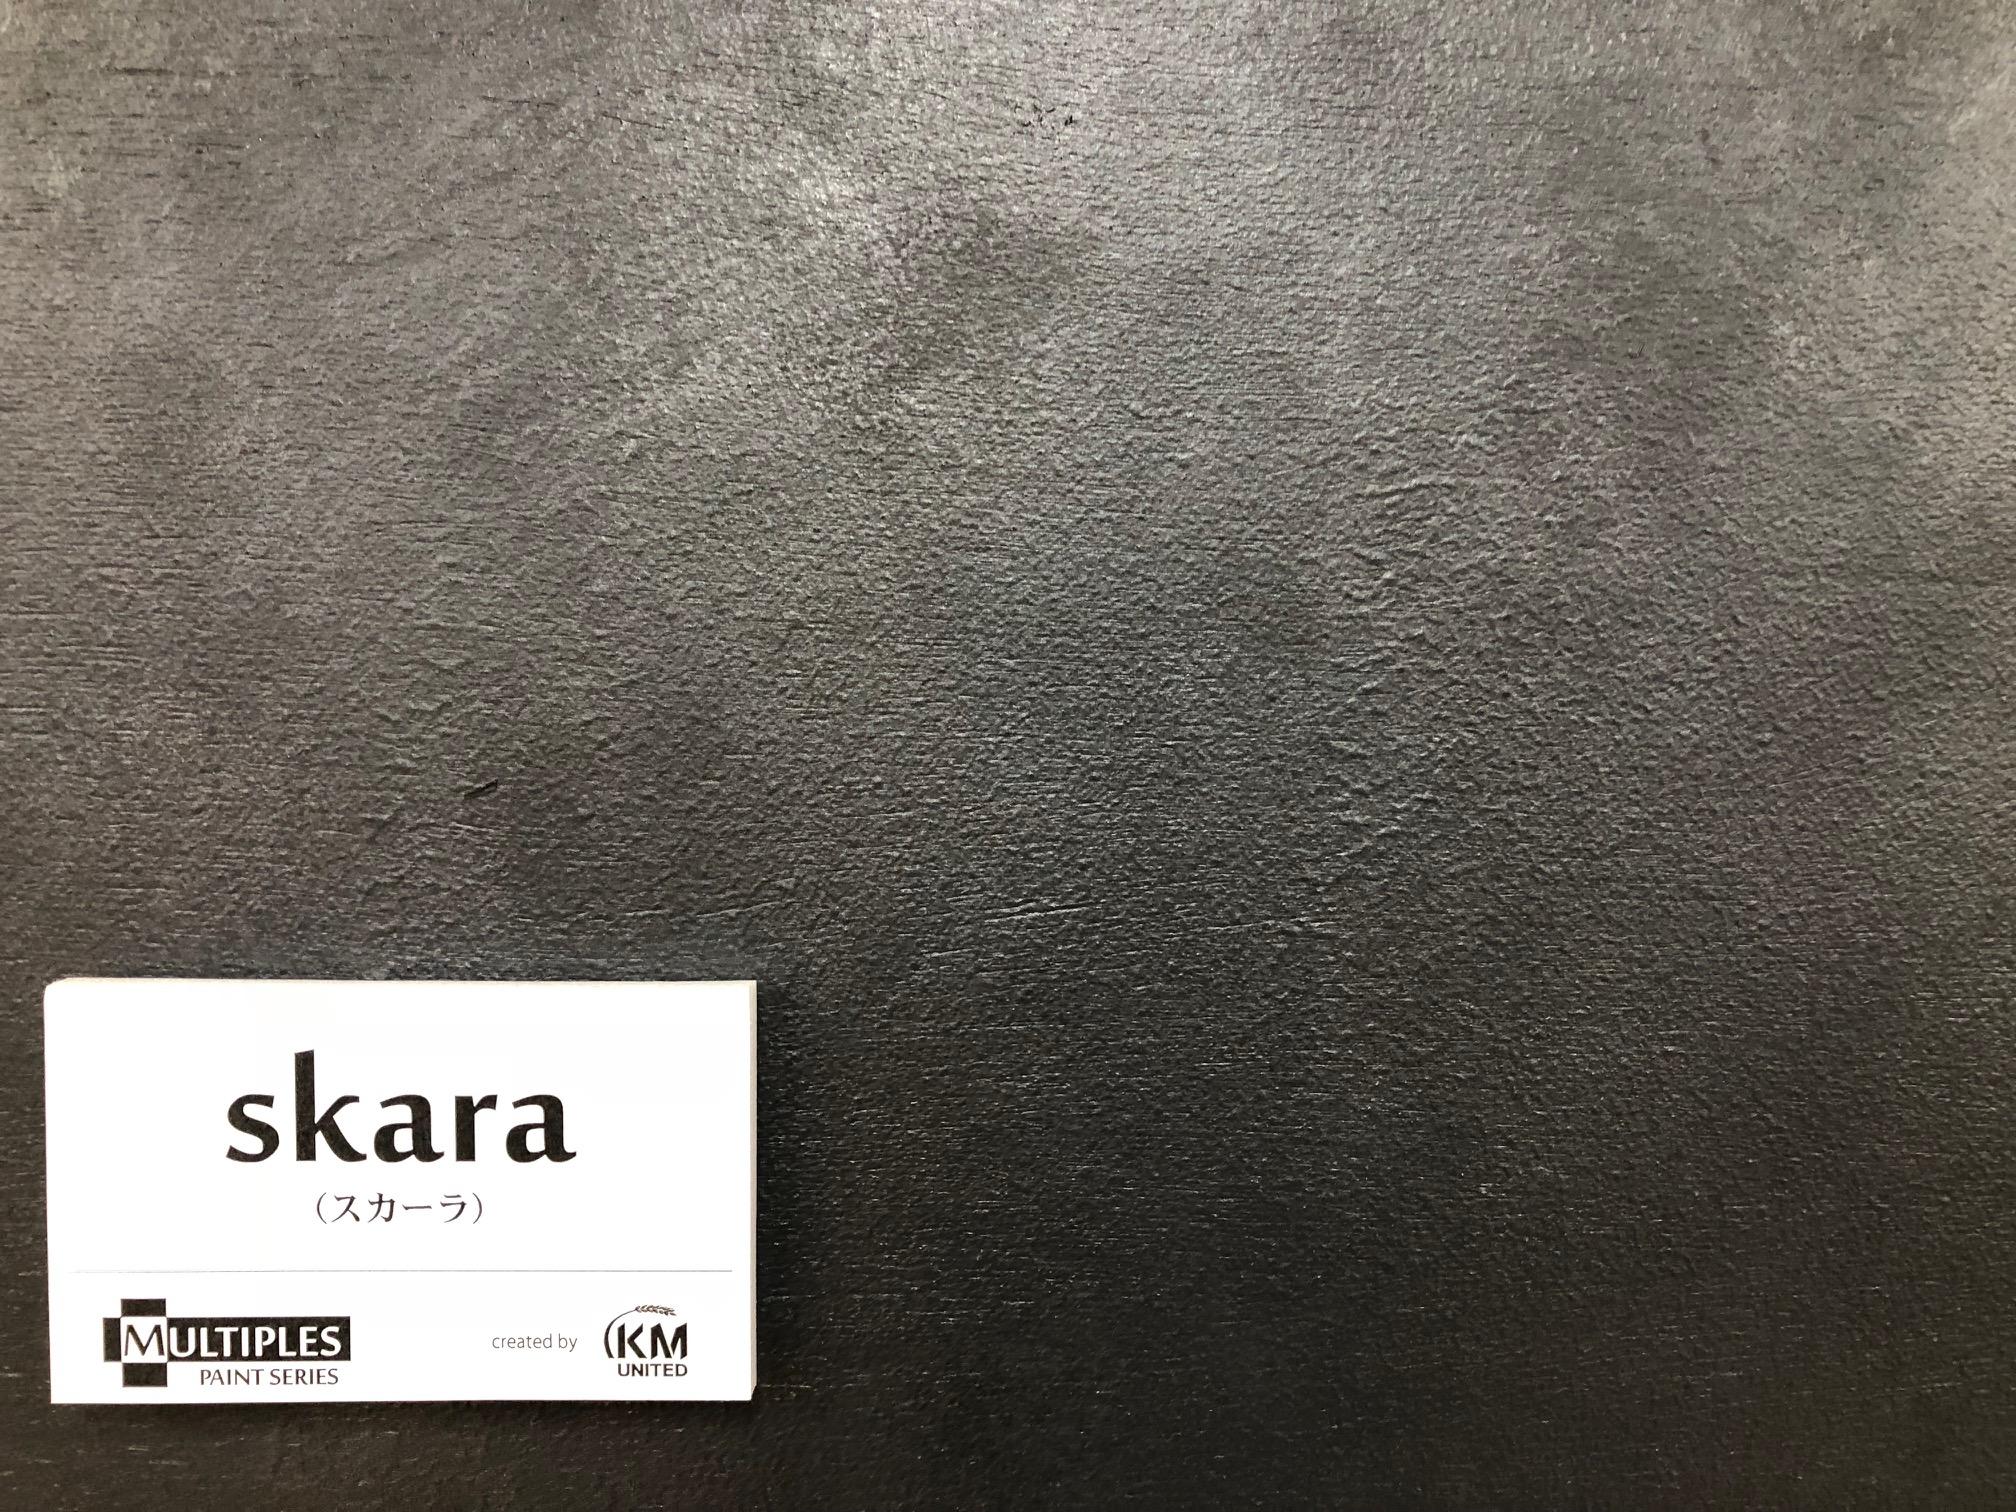 skara(スカーラ)